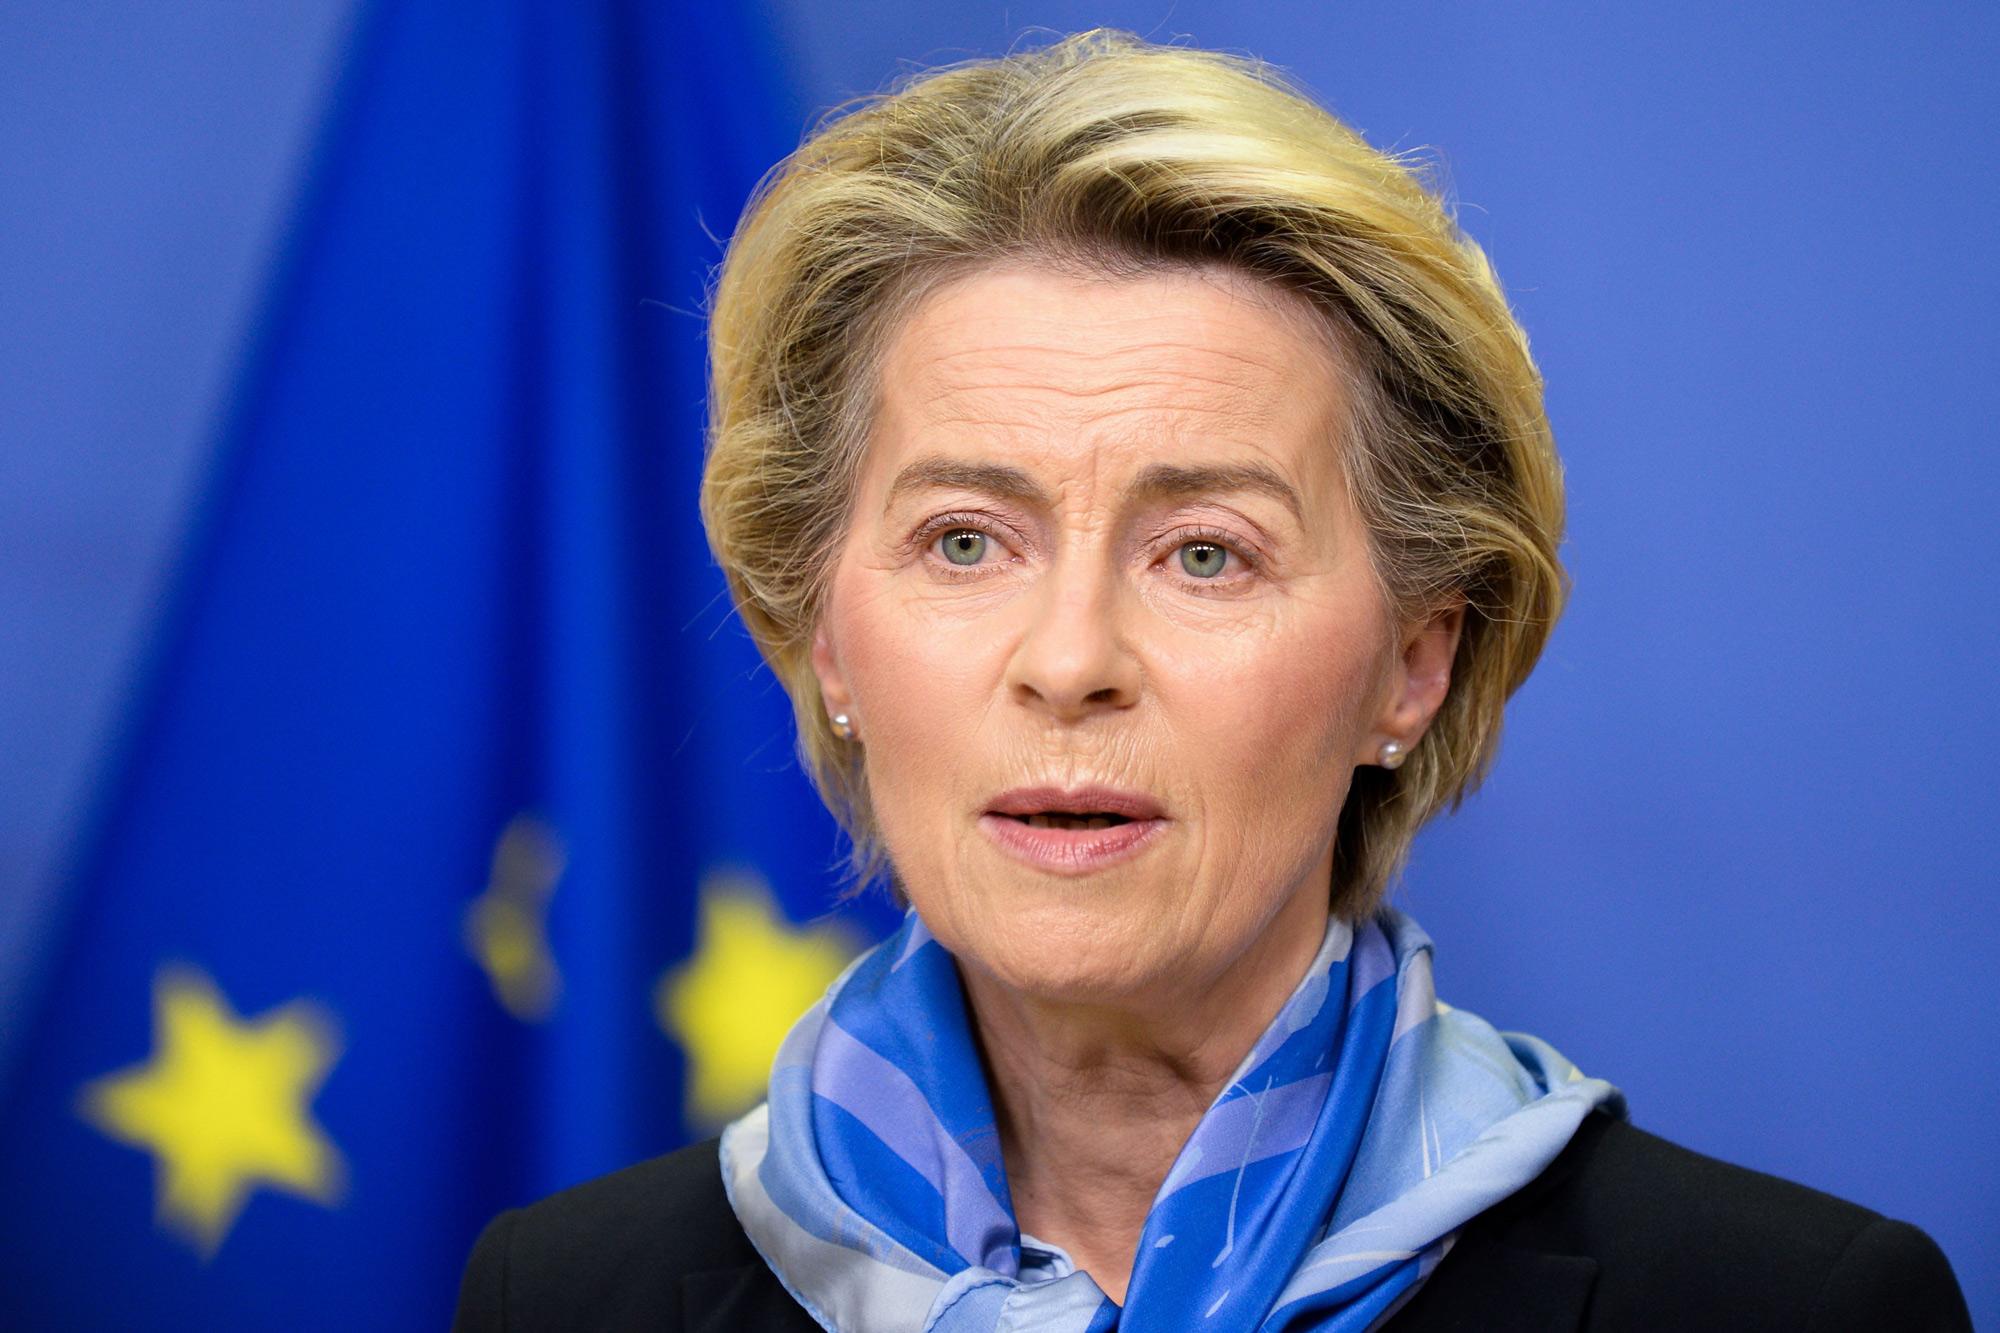 European Commission President Ursula von der Leyen gives a press statement in Brussels on December 21, 2020.